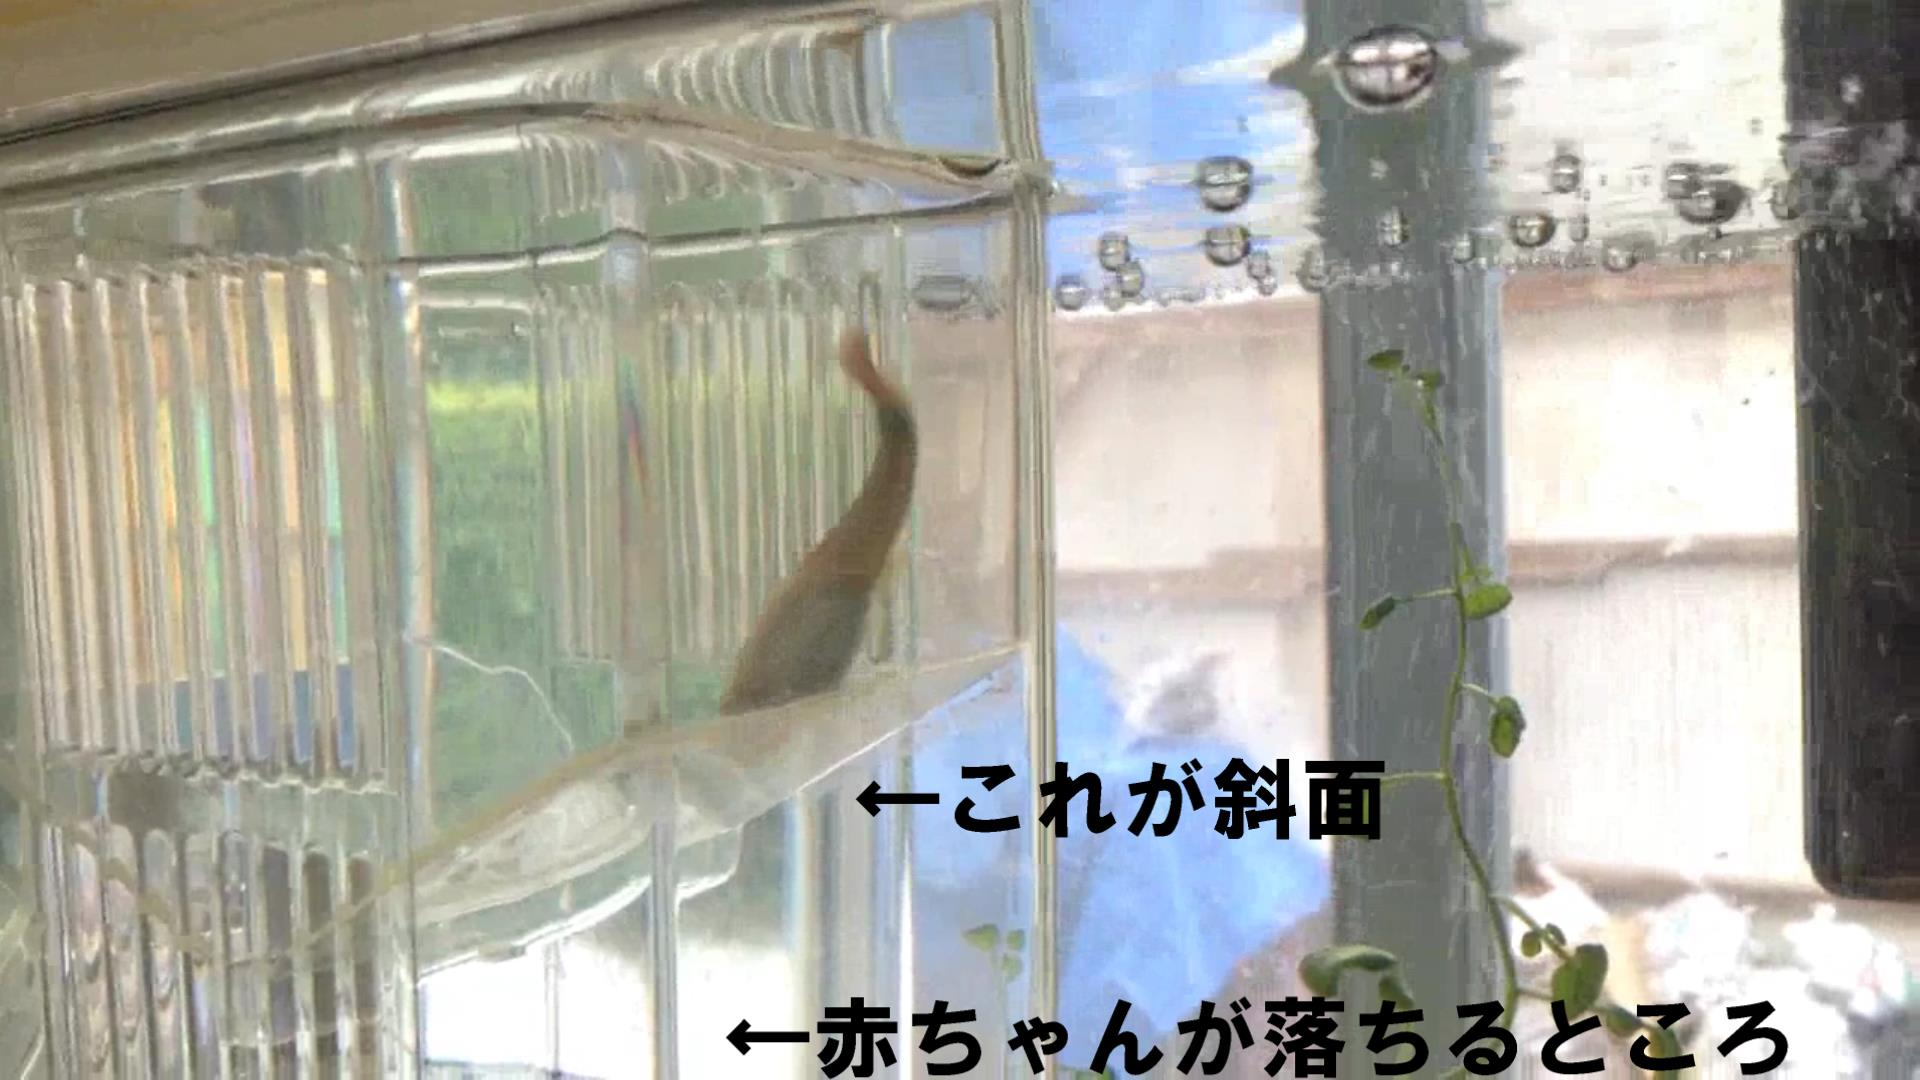 2018-3-5 サムネ